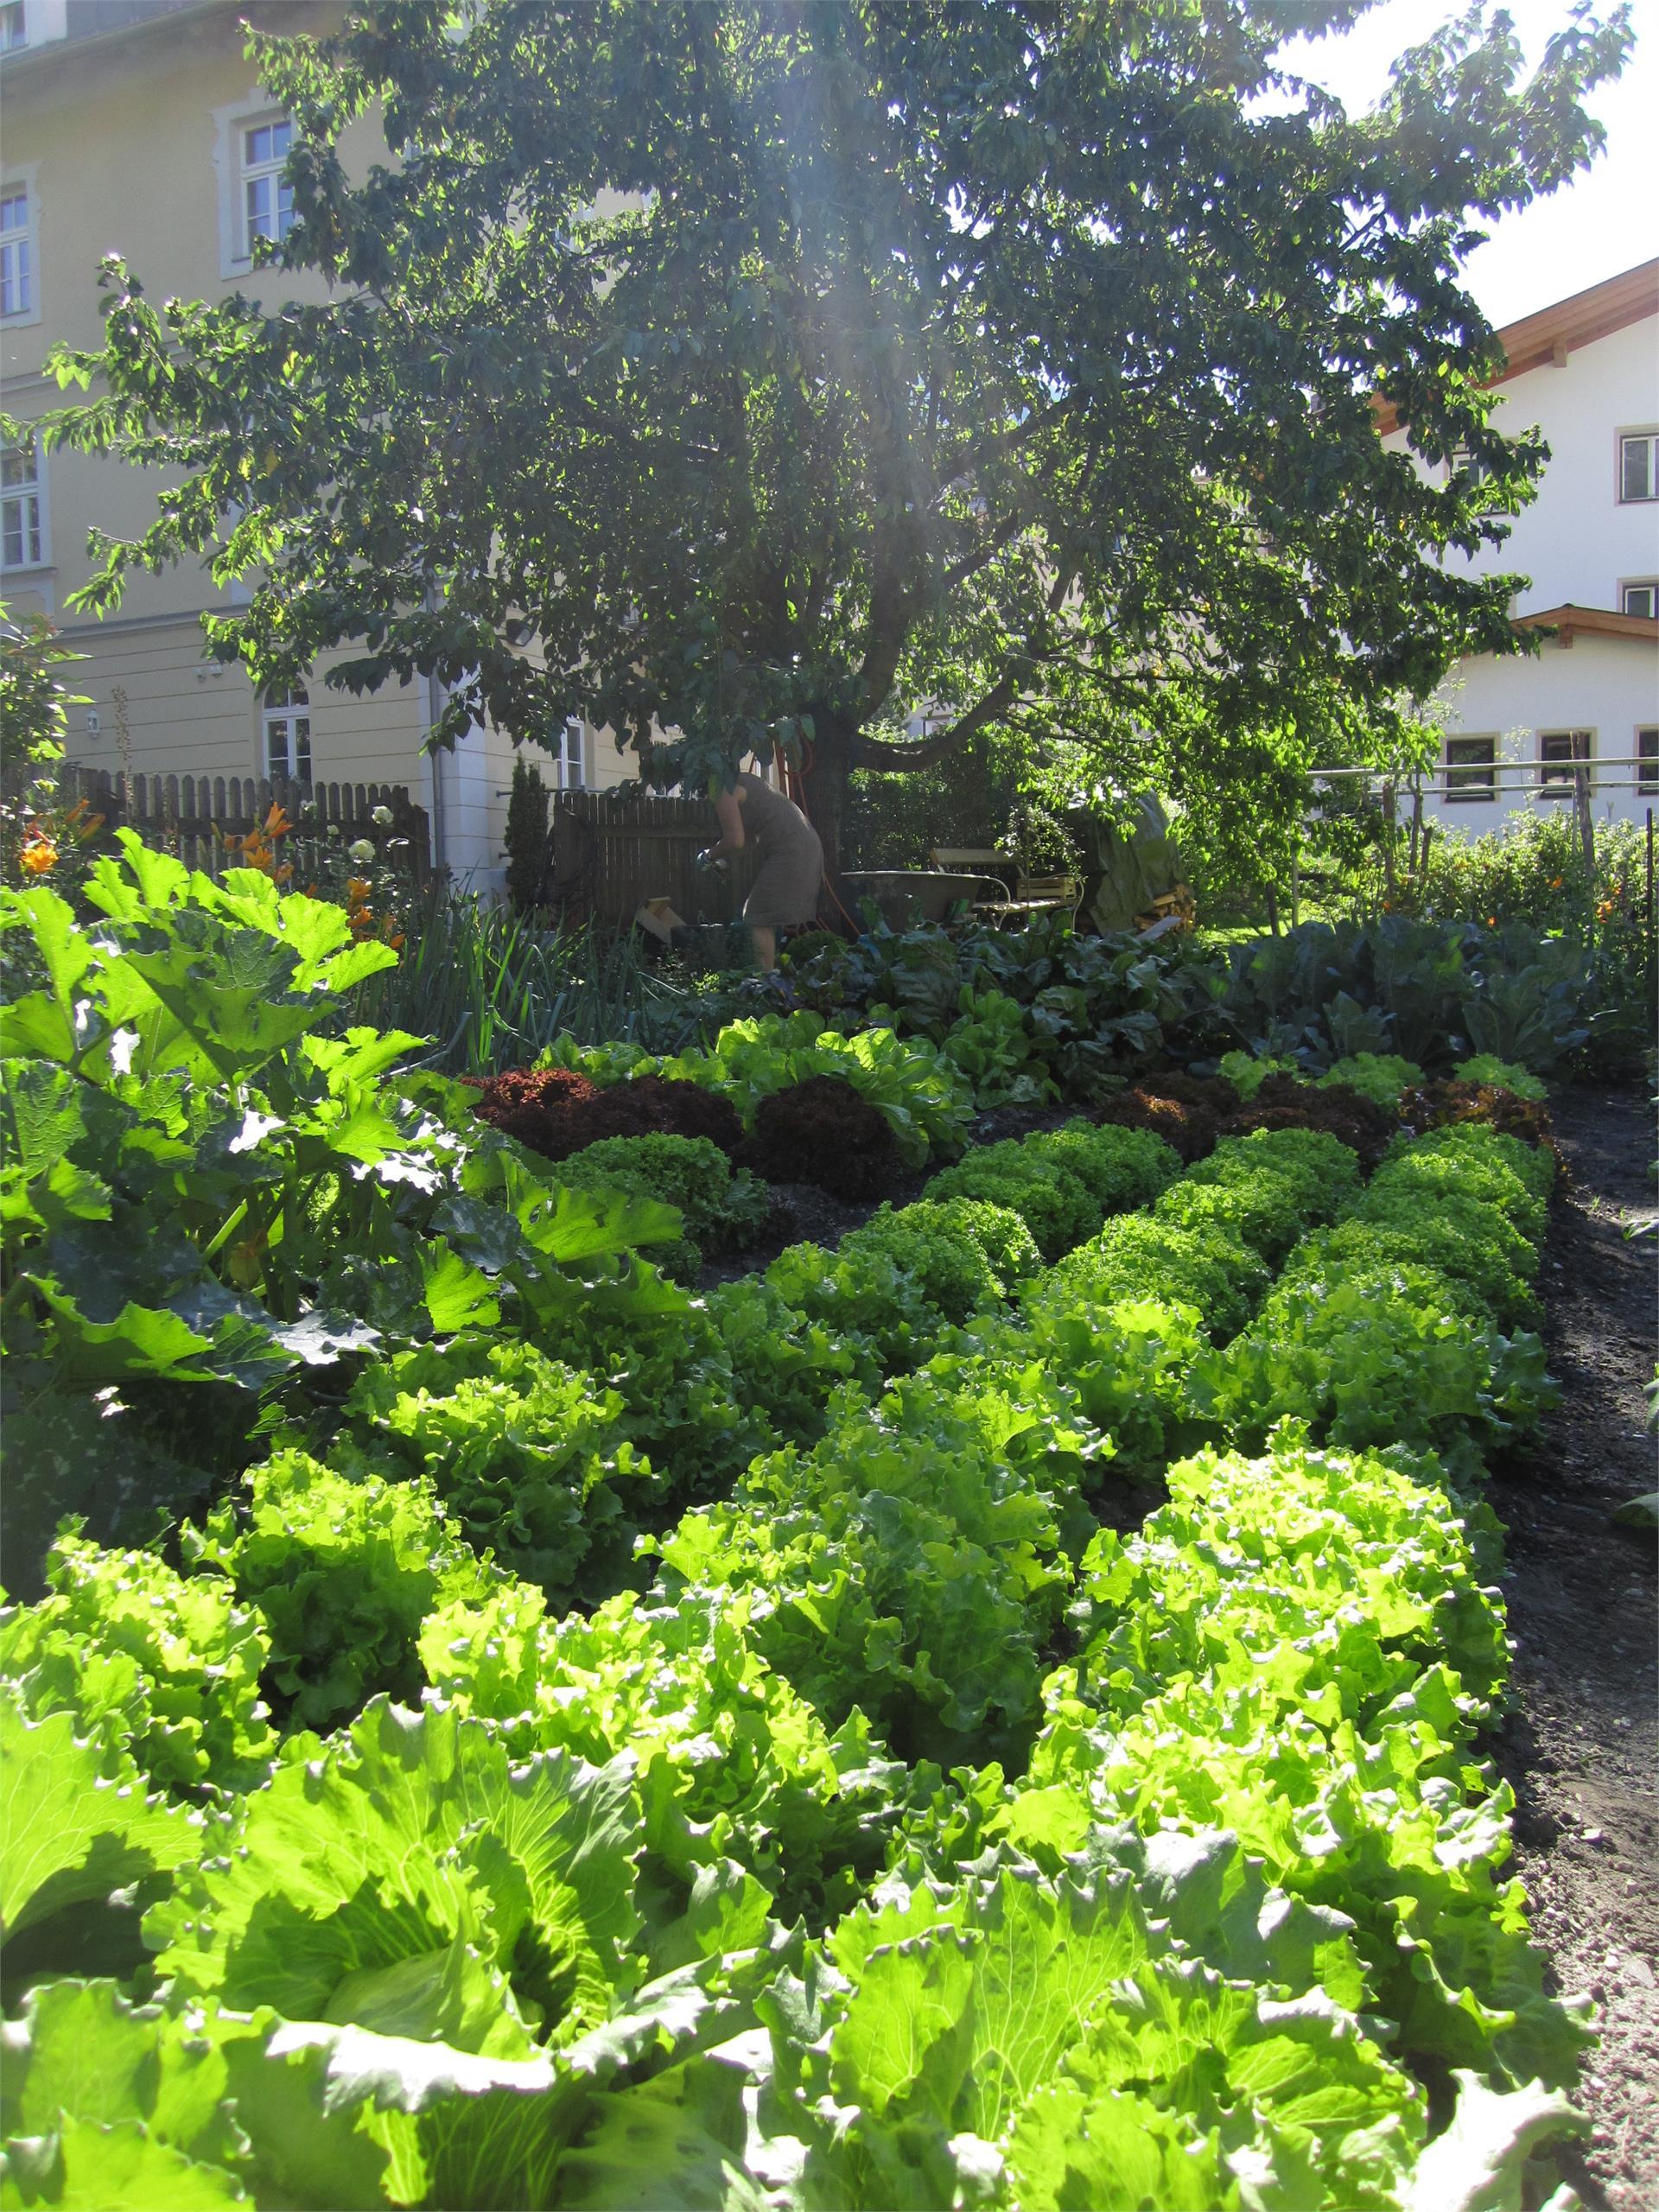 The biological vegetables garden